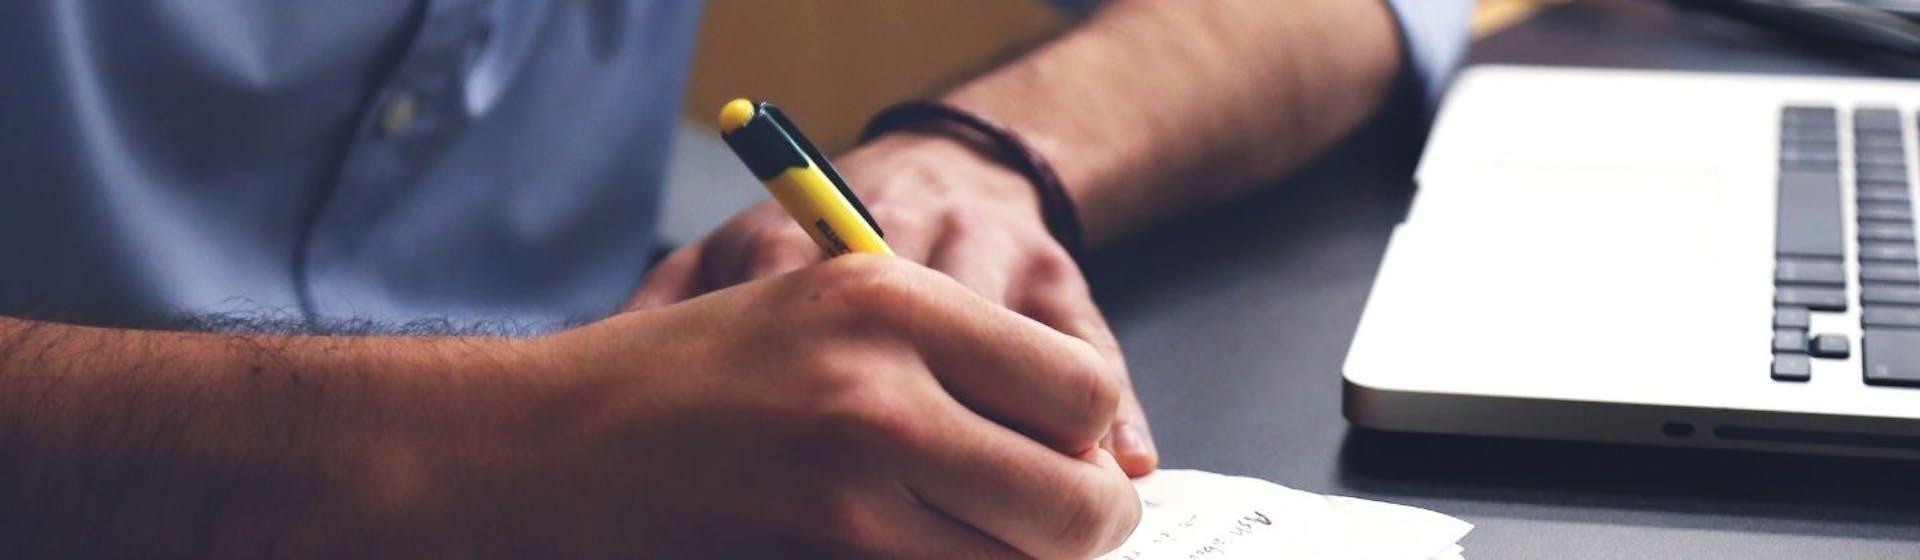 ¡Deja de perder el tiempo! Guía de emprendimiento para jóvenes